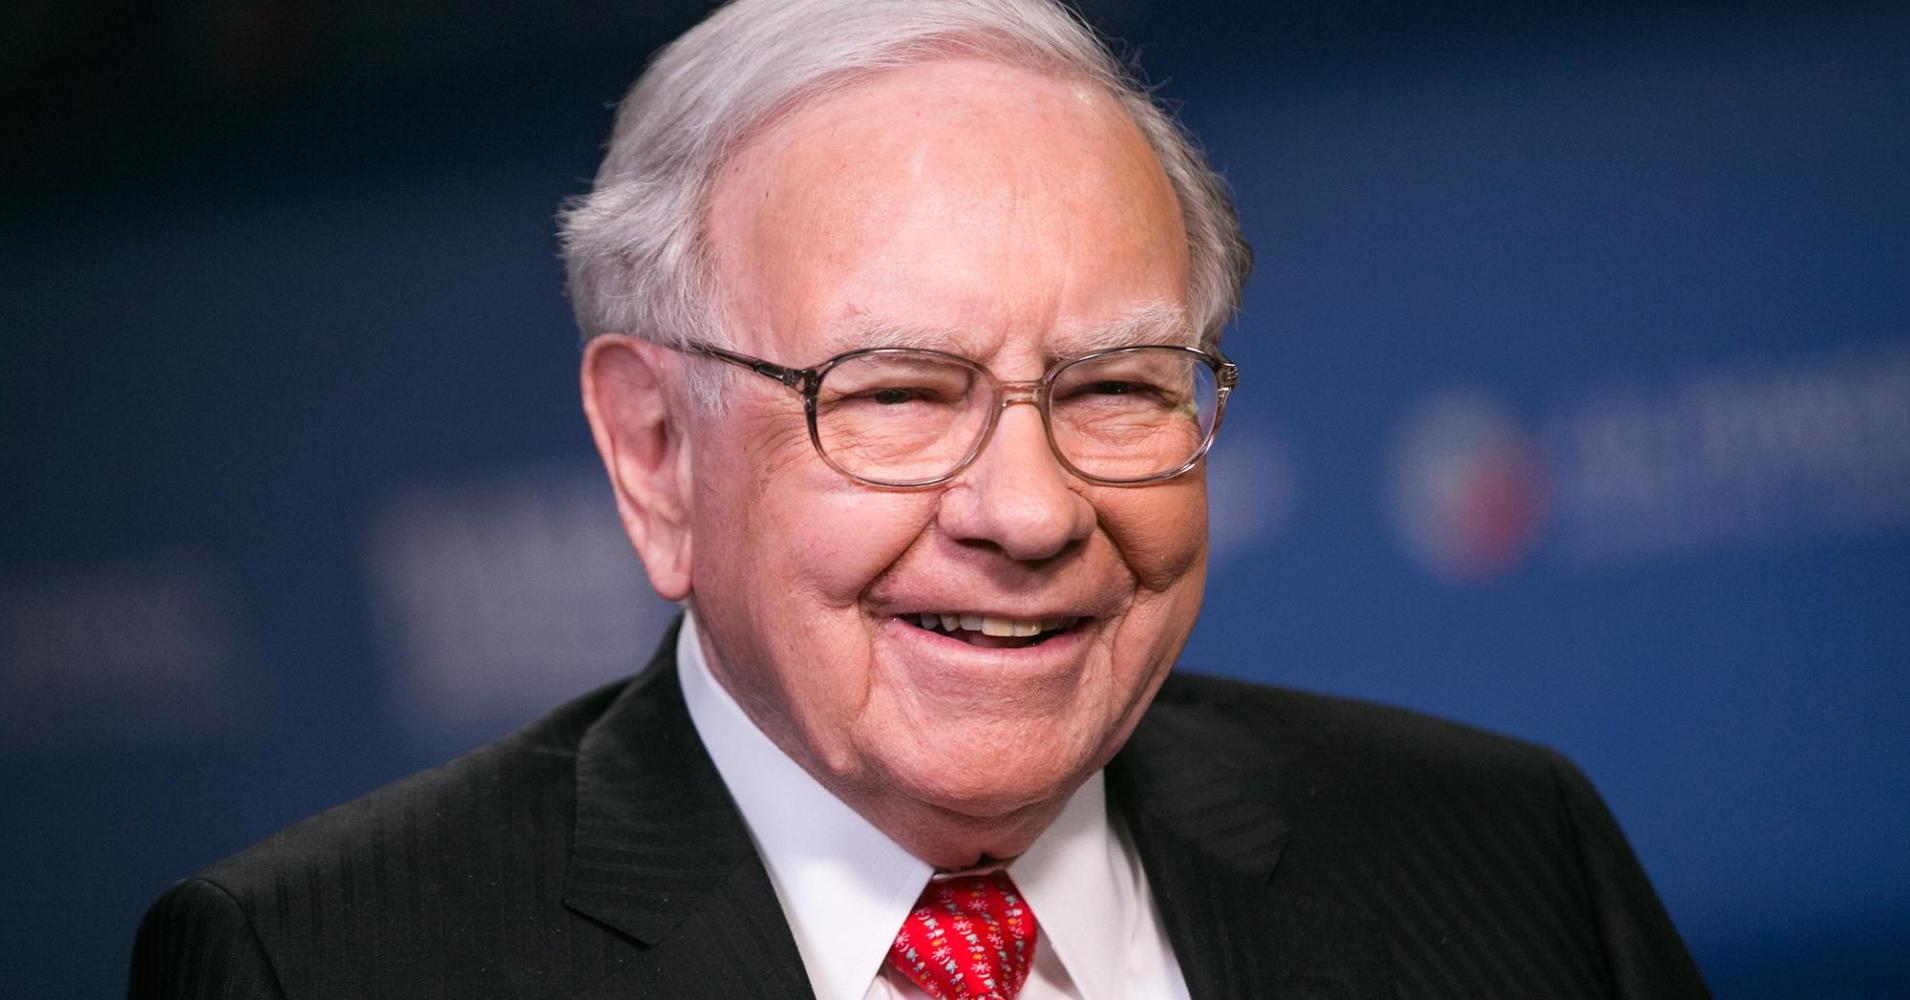 Warren Buffett afferma che Bitcoin illusione che attira i ciarlatani - Warren Buffett afferma che il Bitcoin è un'illusione che attira i ciarlatani